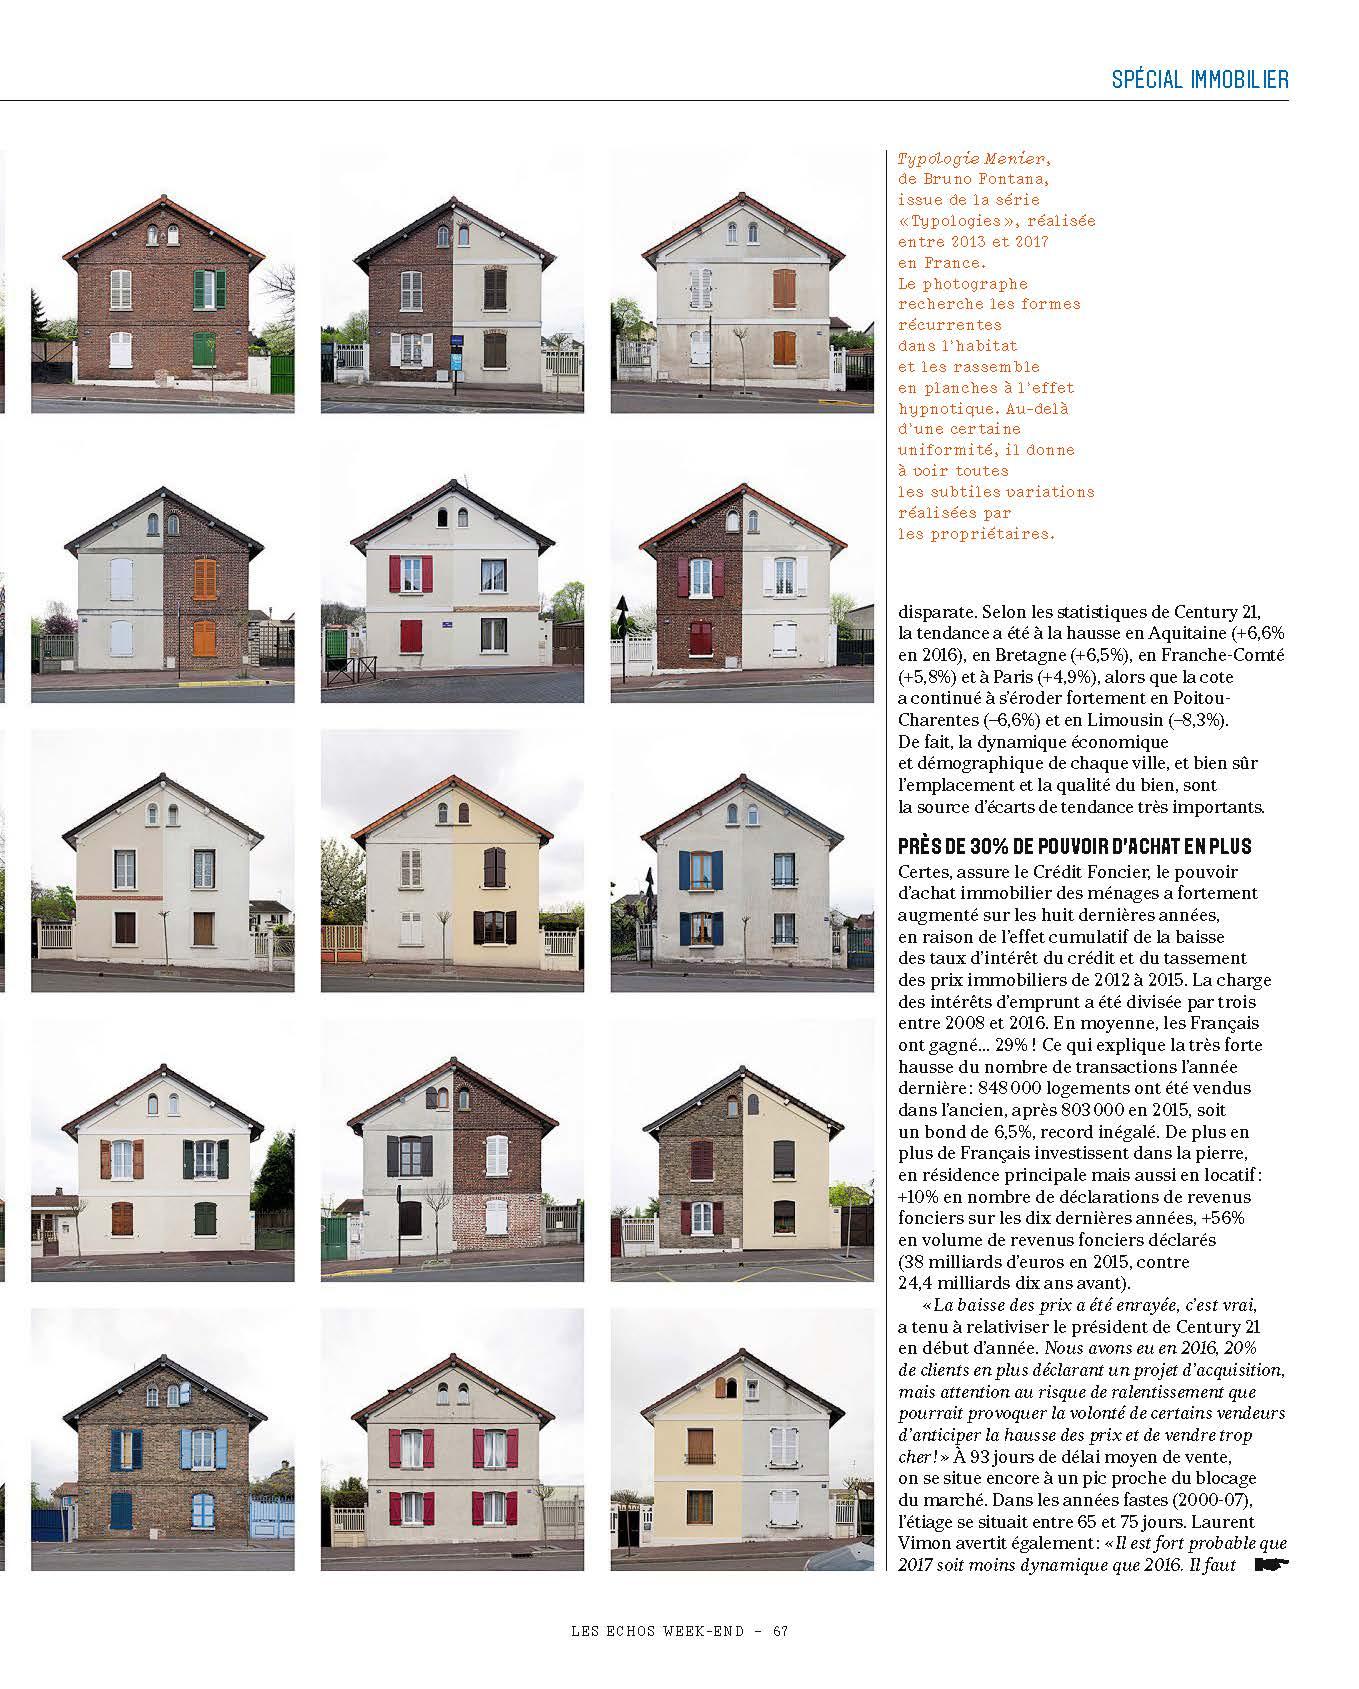 Les echos week end immobilier faire les bons choix l agami - Cabinet immobilier parisien ...